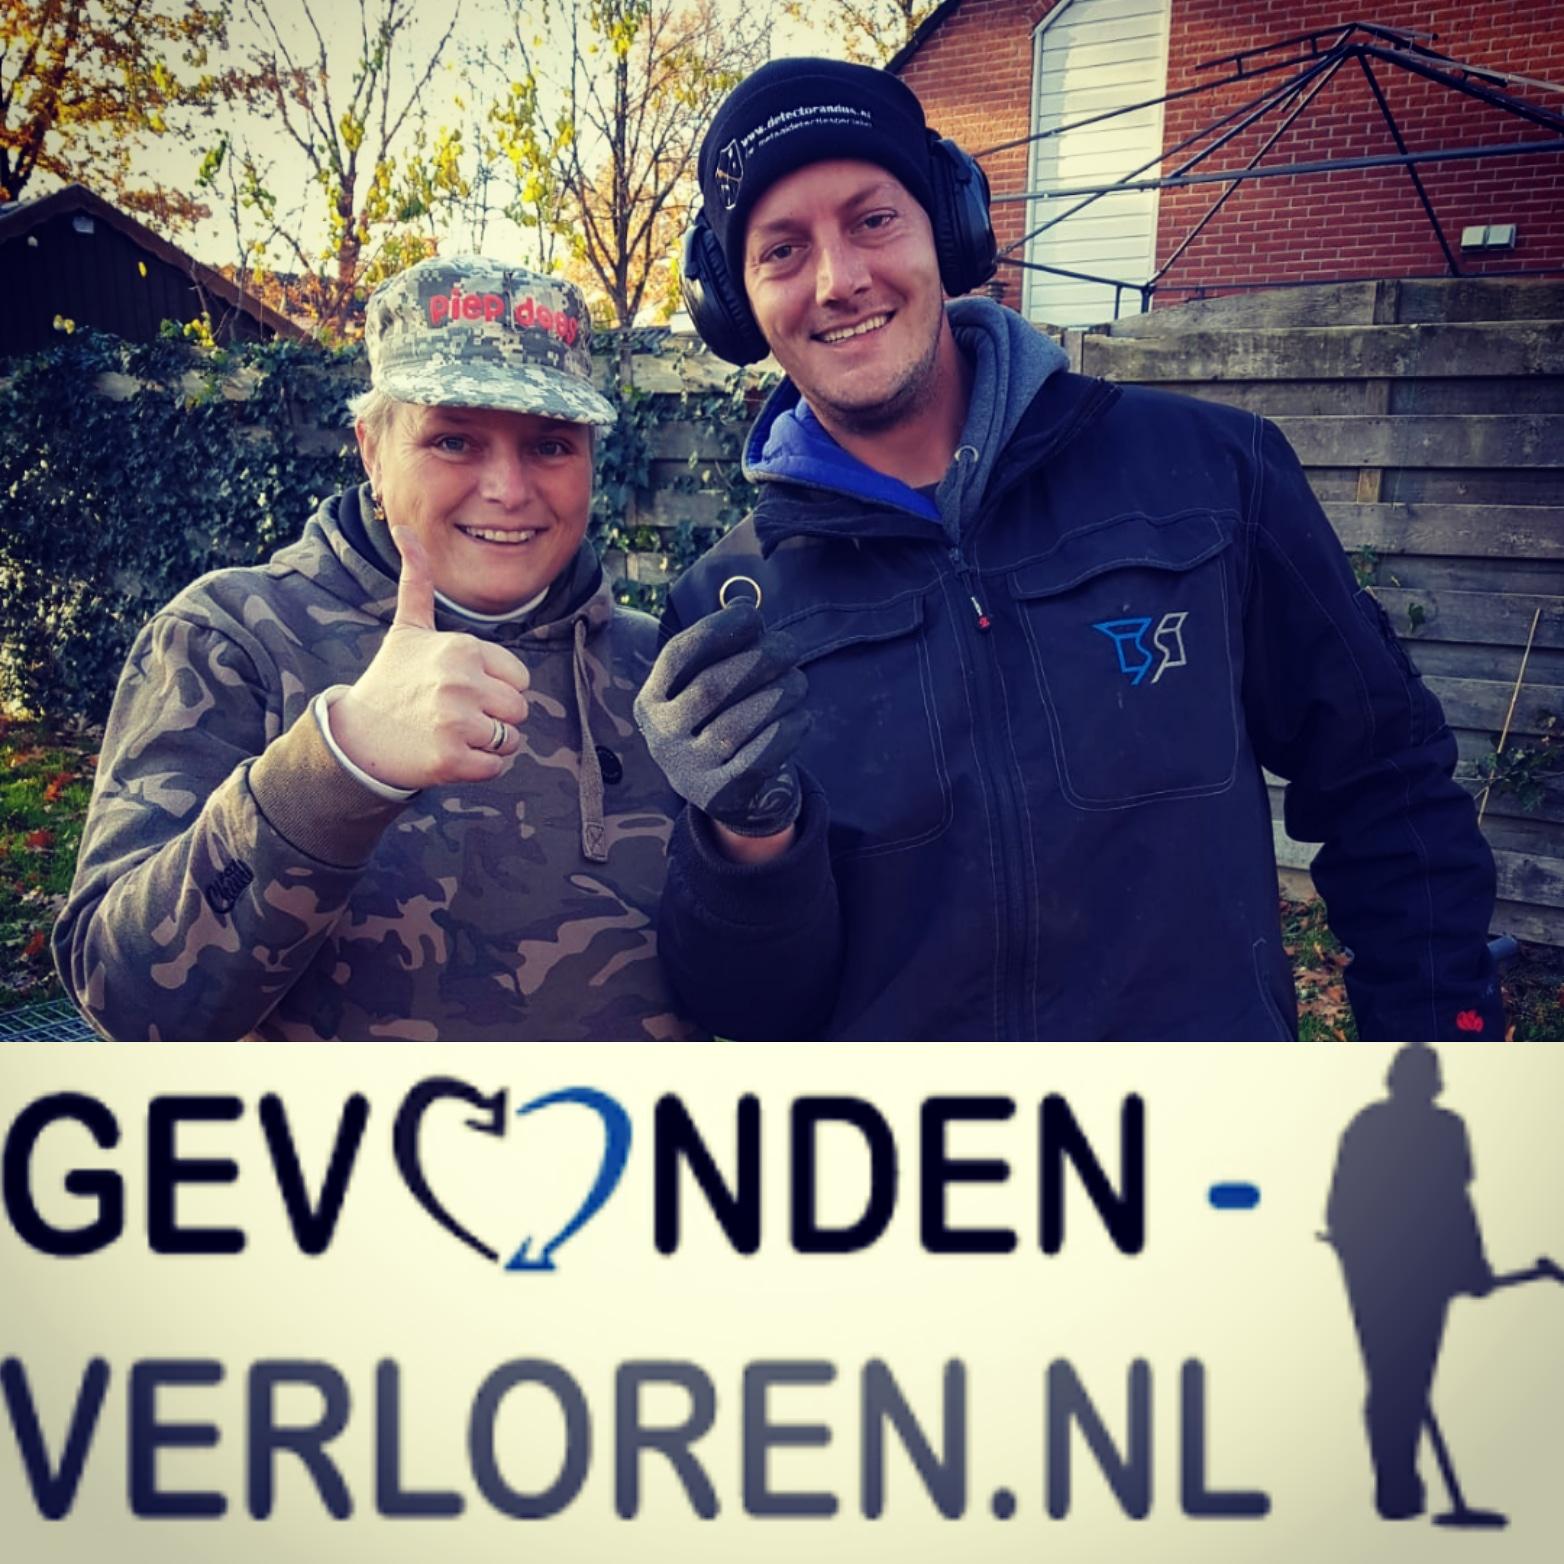 Trouwring Verloren In Friesland, Maar Terug Gevonden Binnen 5 Minuten